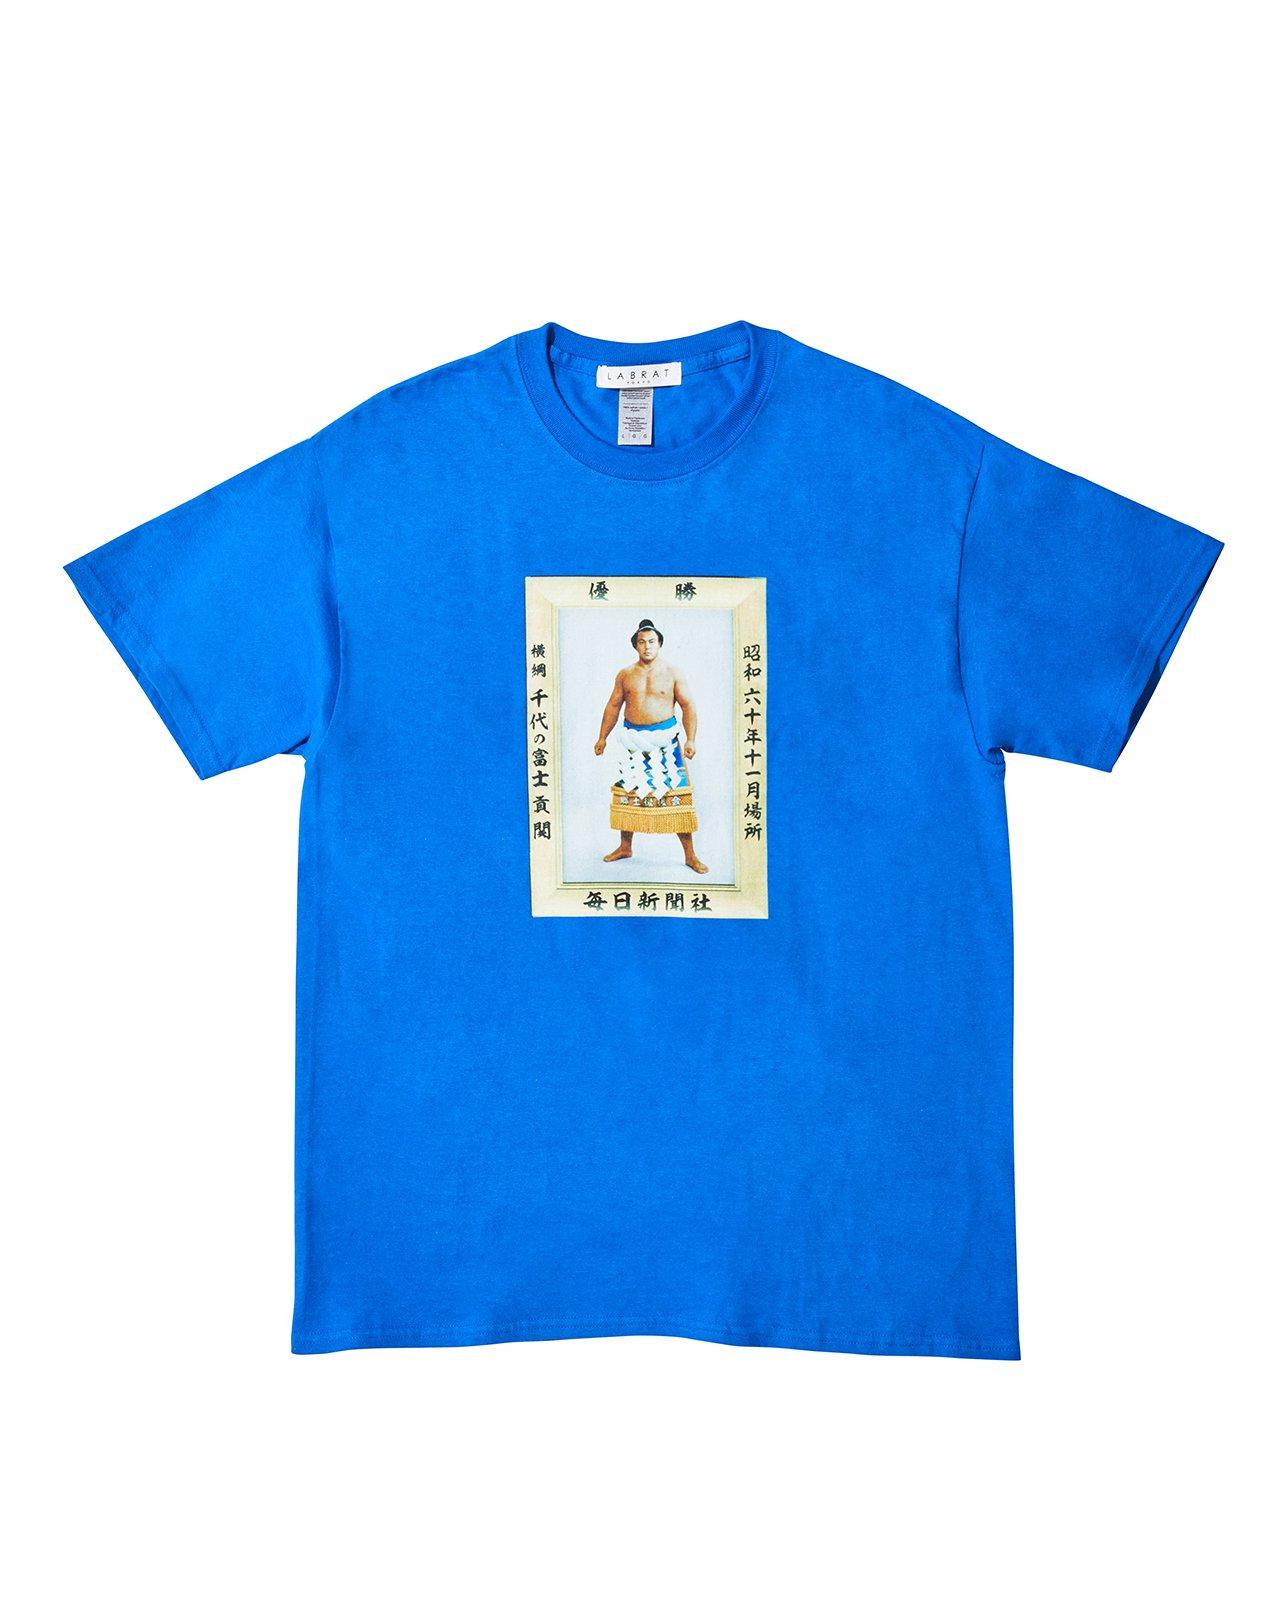 千代の富士 for LABRAT JR両国駅限定販売 Tシャツ(BLUE)(size: 2XL, 3XL)